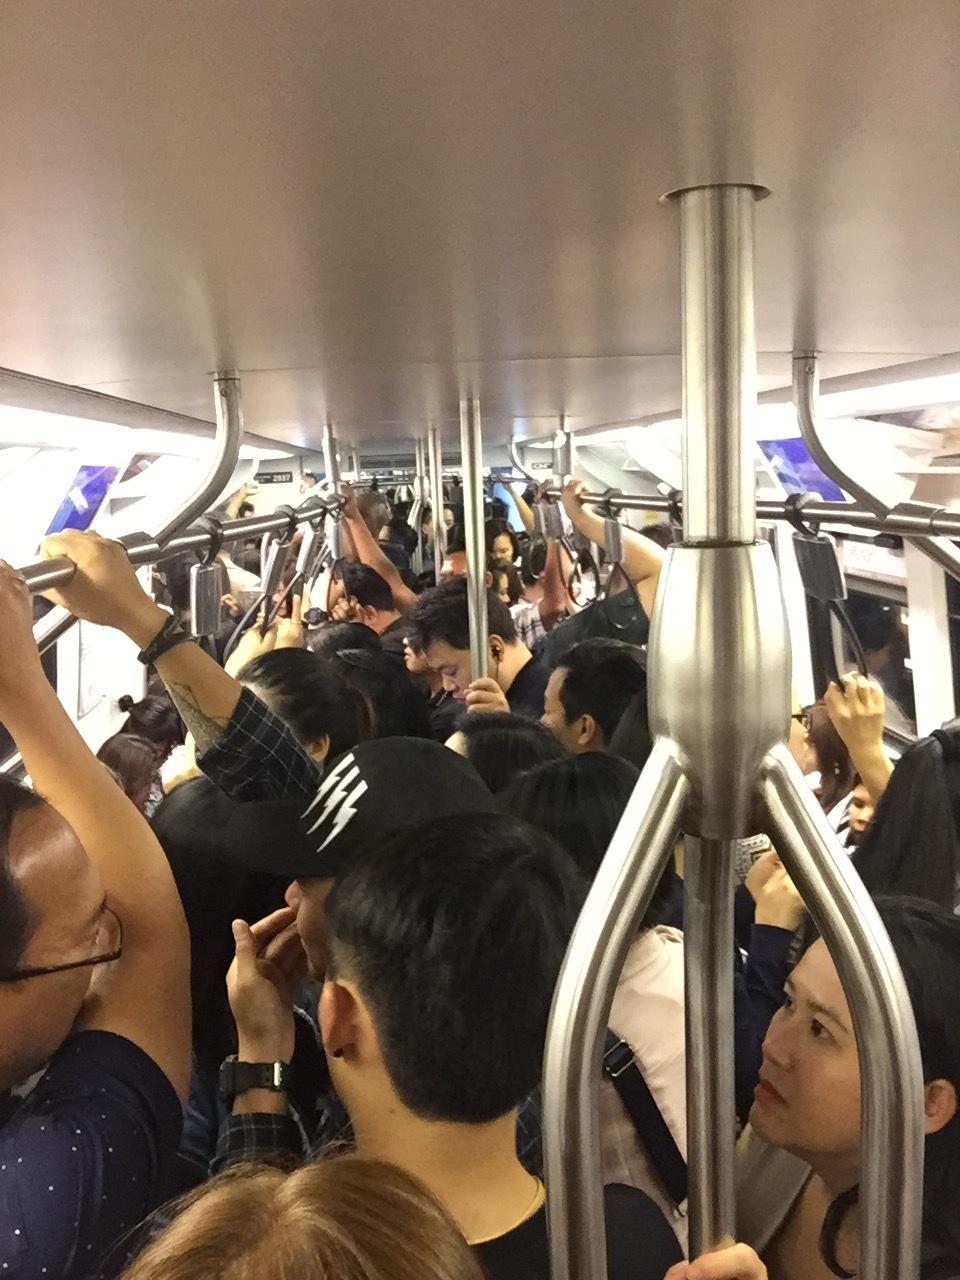 Bangkok BTS Train